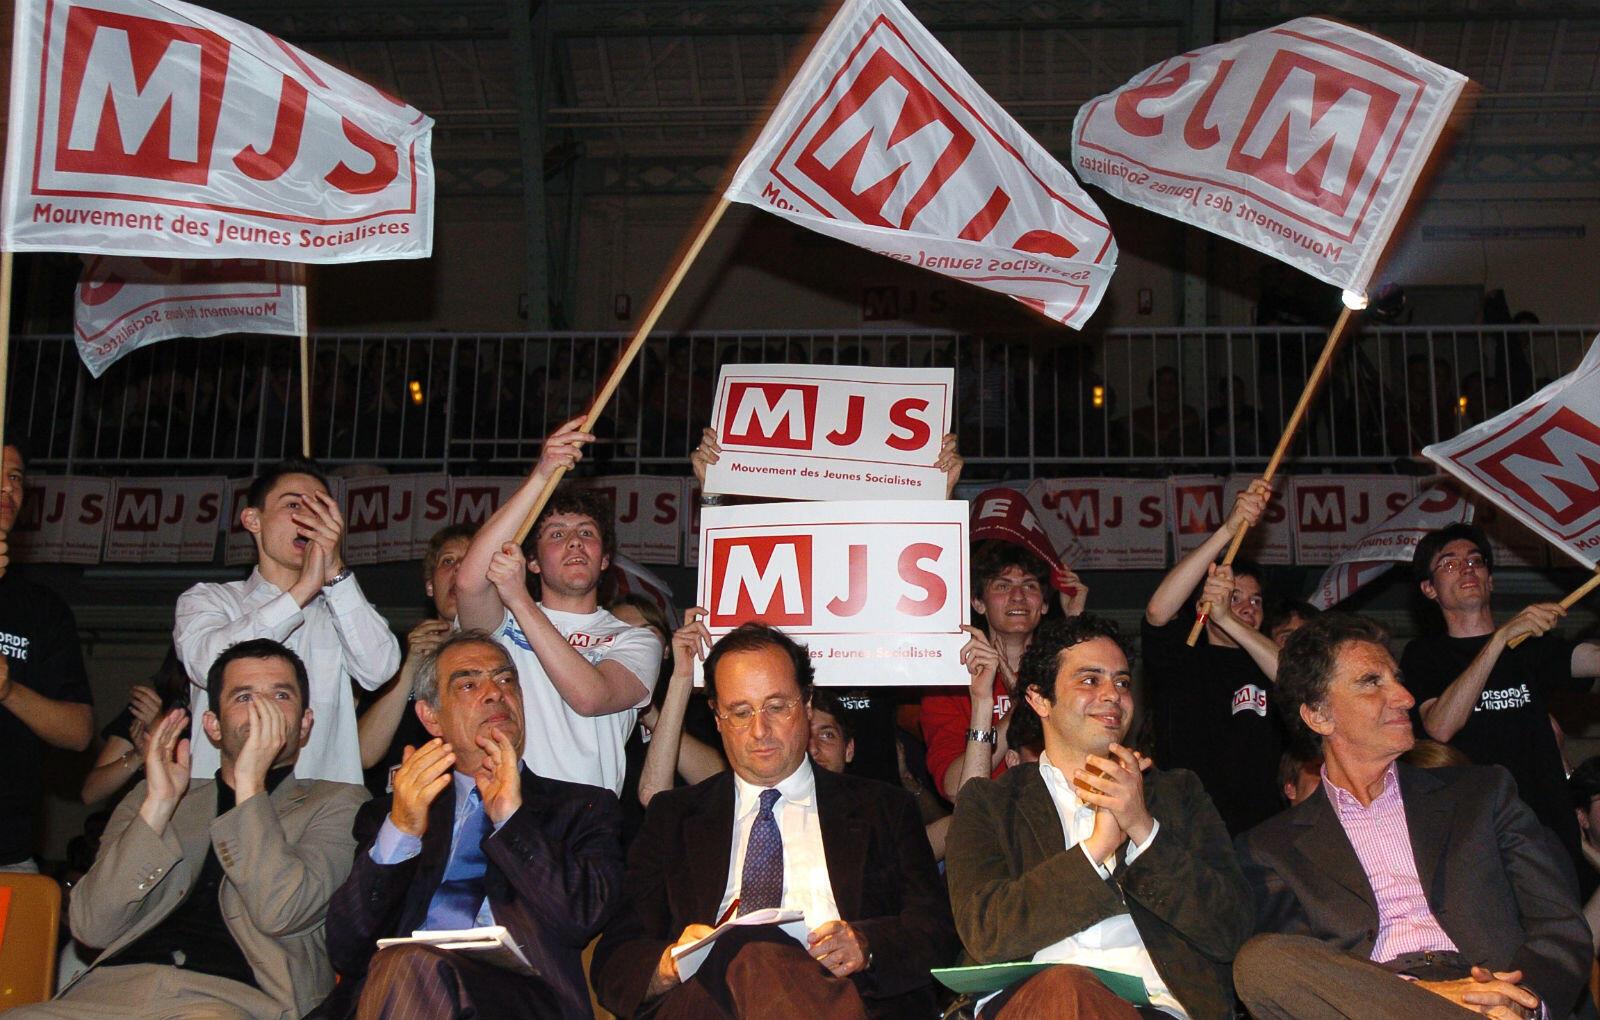 Fer de lance du mouvement des jeunes socialistes (MJS), il tente de s'imposer, mais il reste dans l'ombre des ténors, comme ici en 2006 aux côtés de Hollande et Emmanuelli.